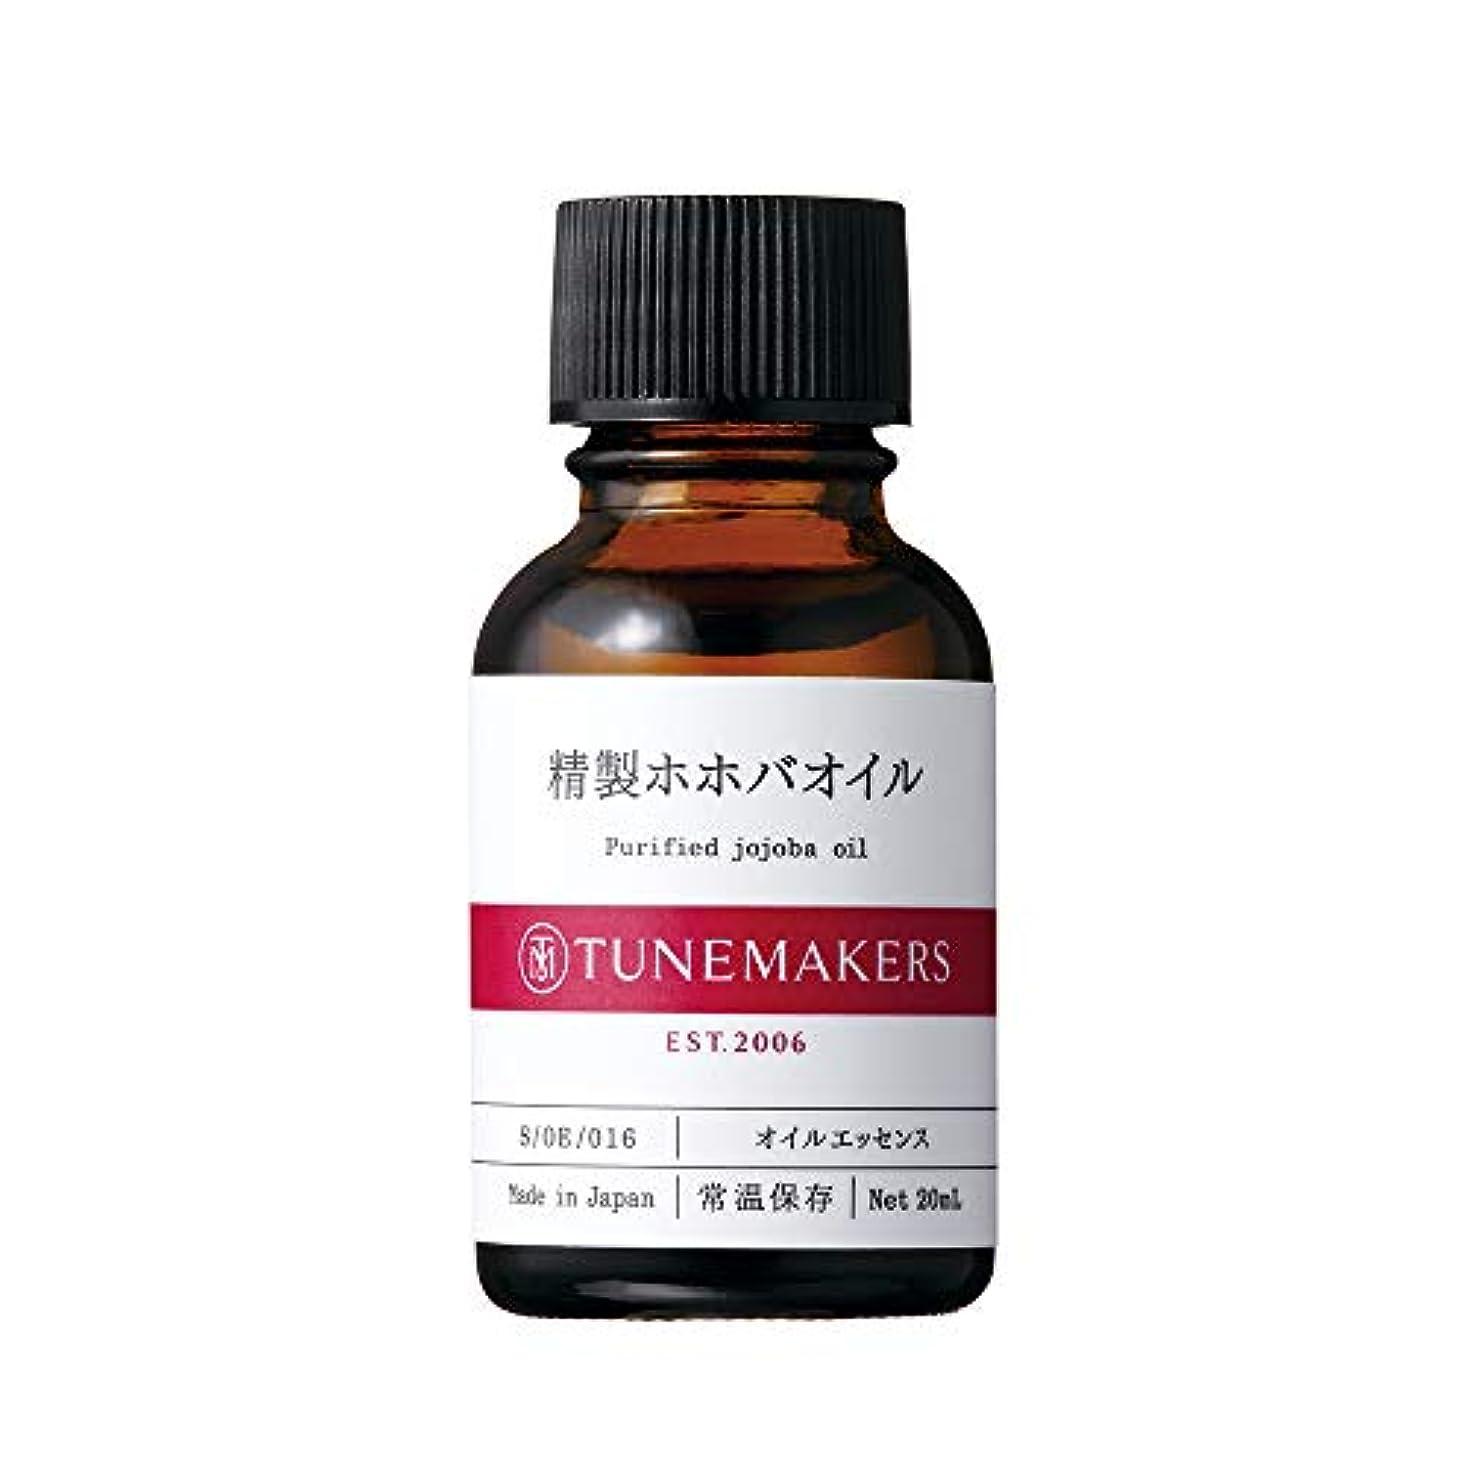 重々しい指標副詞TUNEMAKERS(チューンメーカーズ) 精製ホホバオイル 美容液 20ml